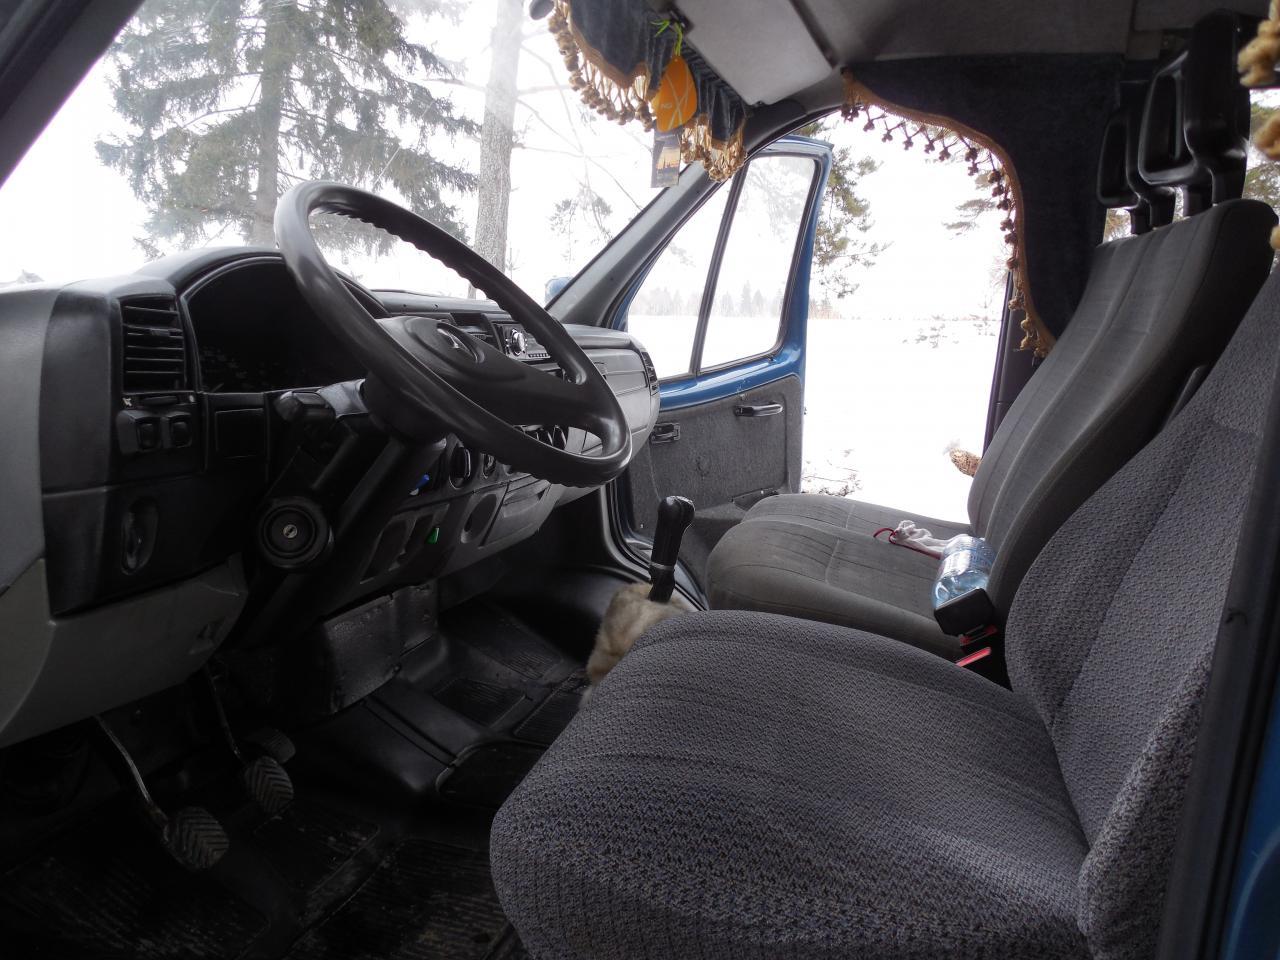 ГАЗ 3302 Газель 2007 г.в. г.Тверь - фото 5